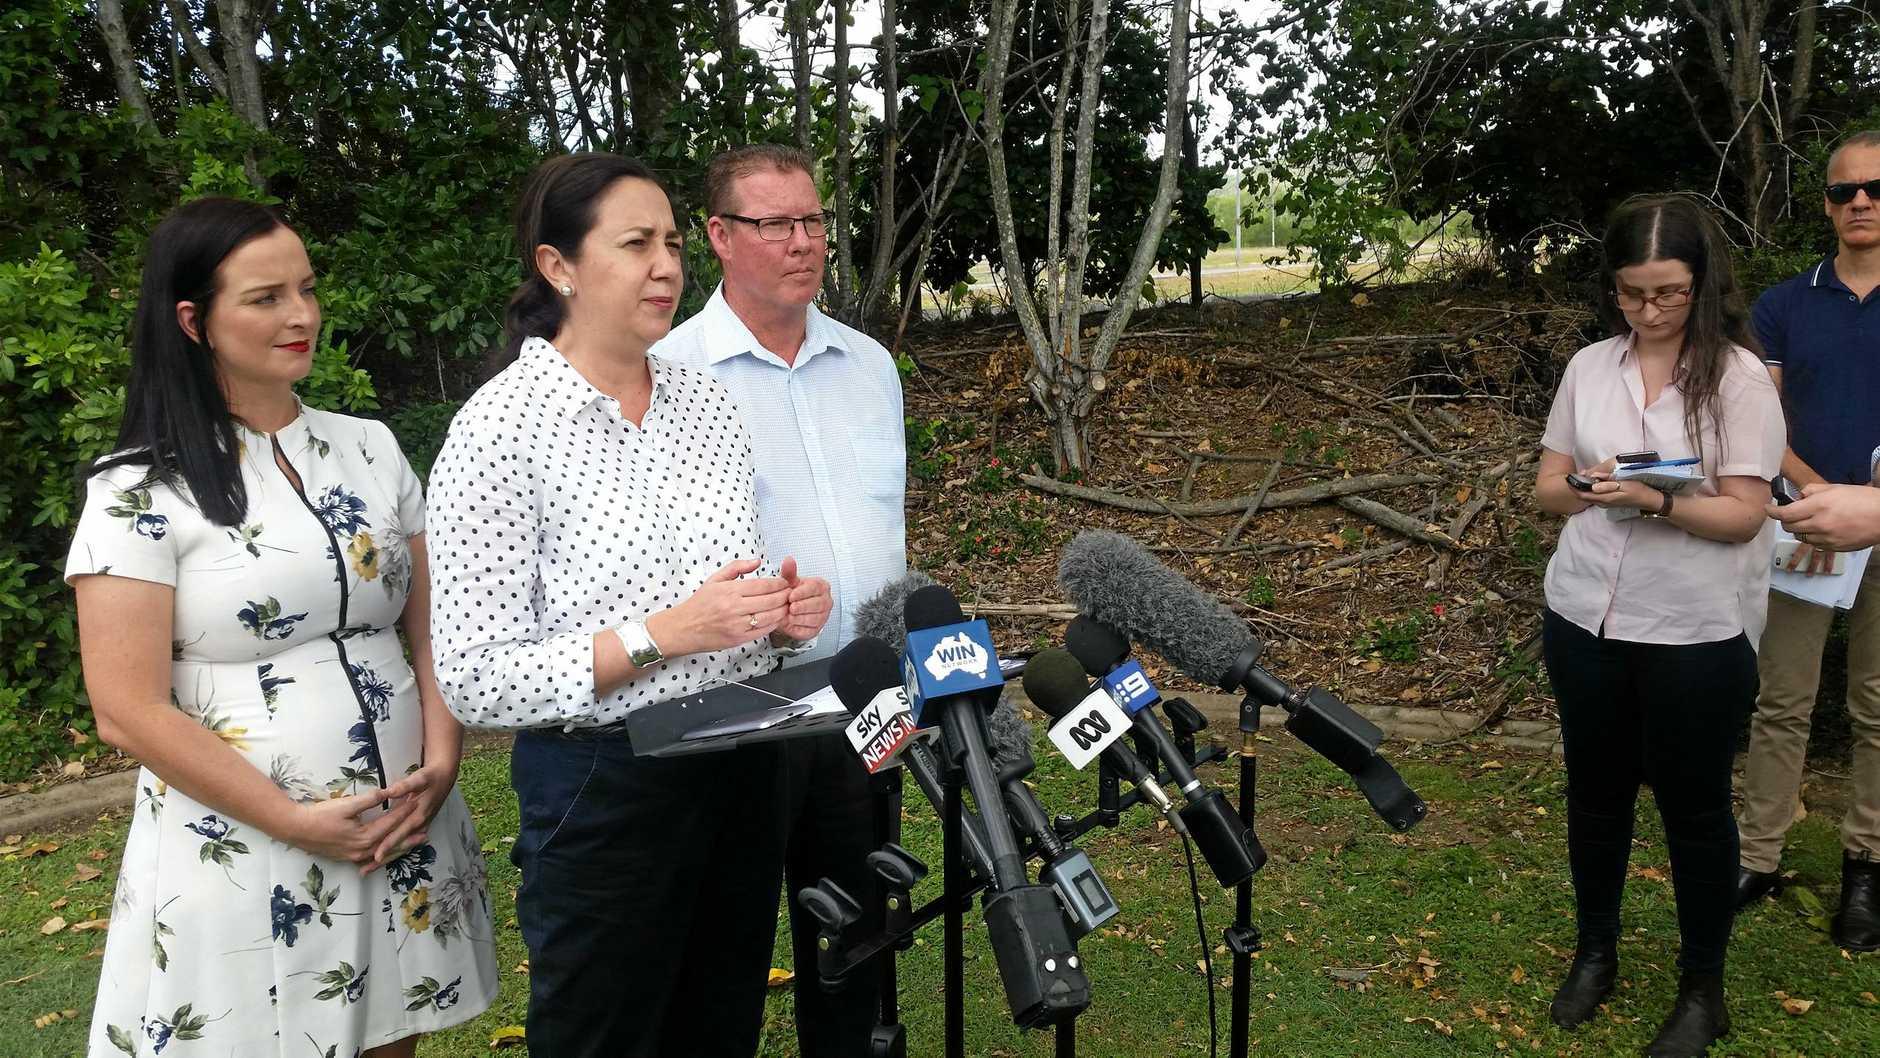 PREMIER VISIT: Queensland's Premier Annastacia Palaszczuk has has paid Rockhampton her second visit of the election campaign.